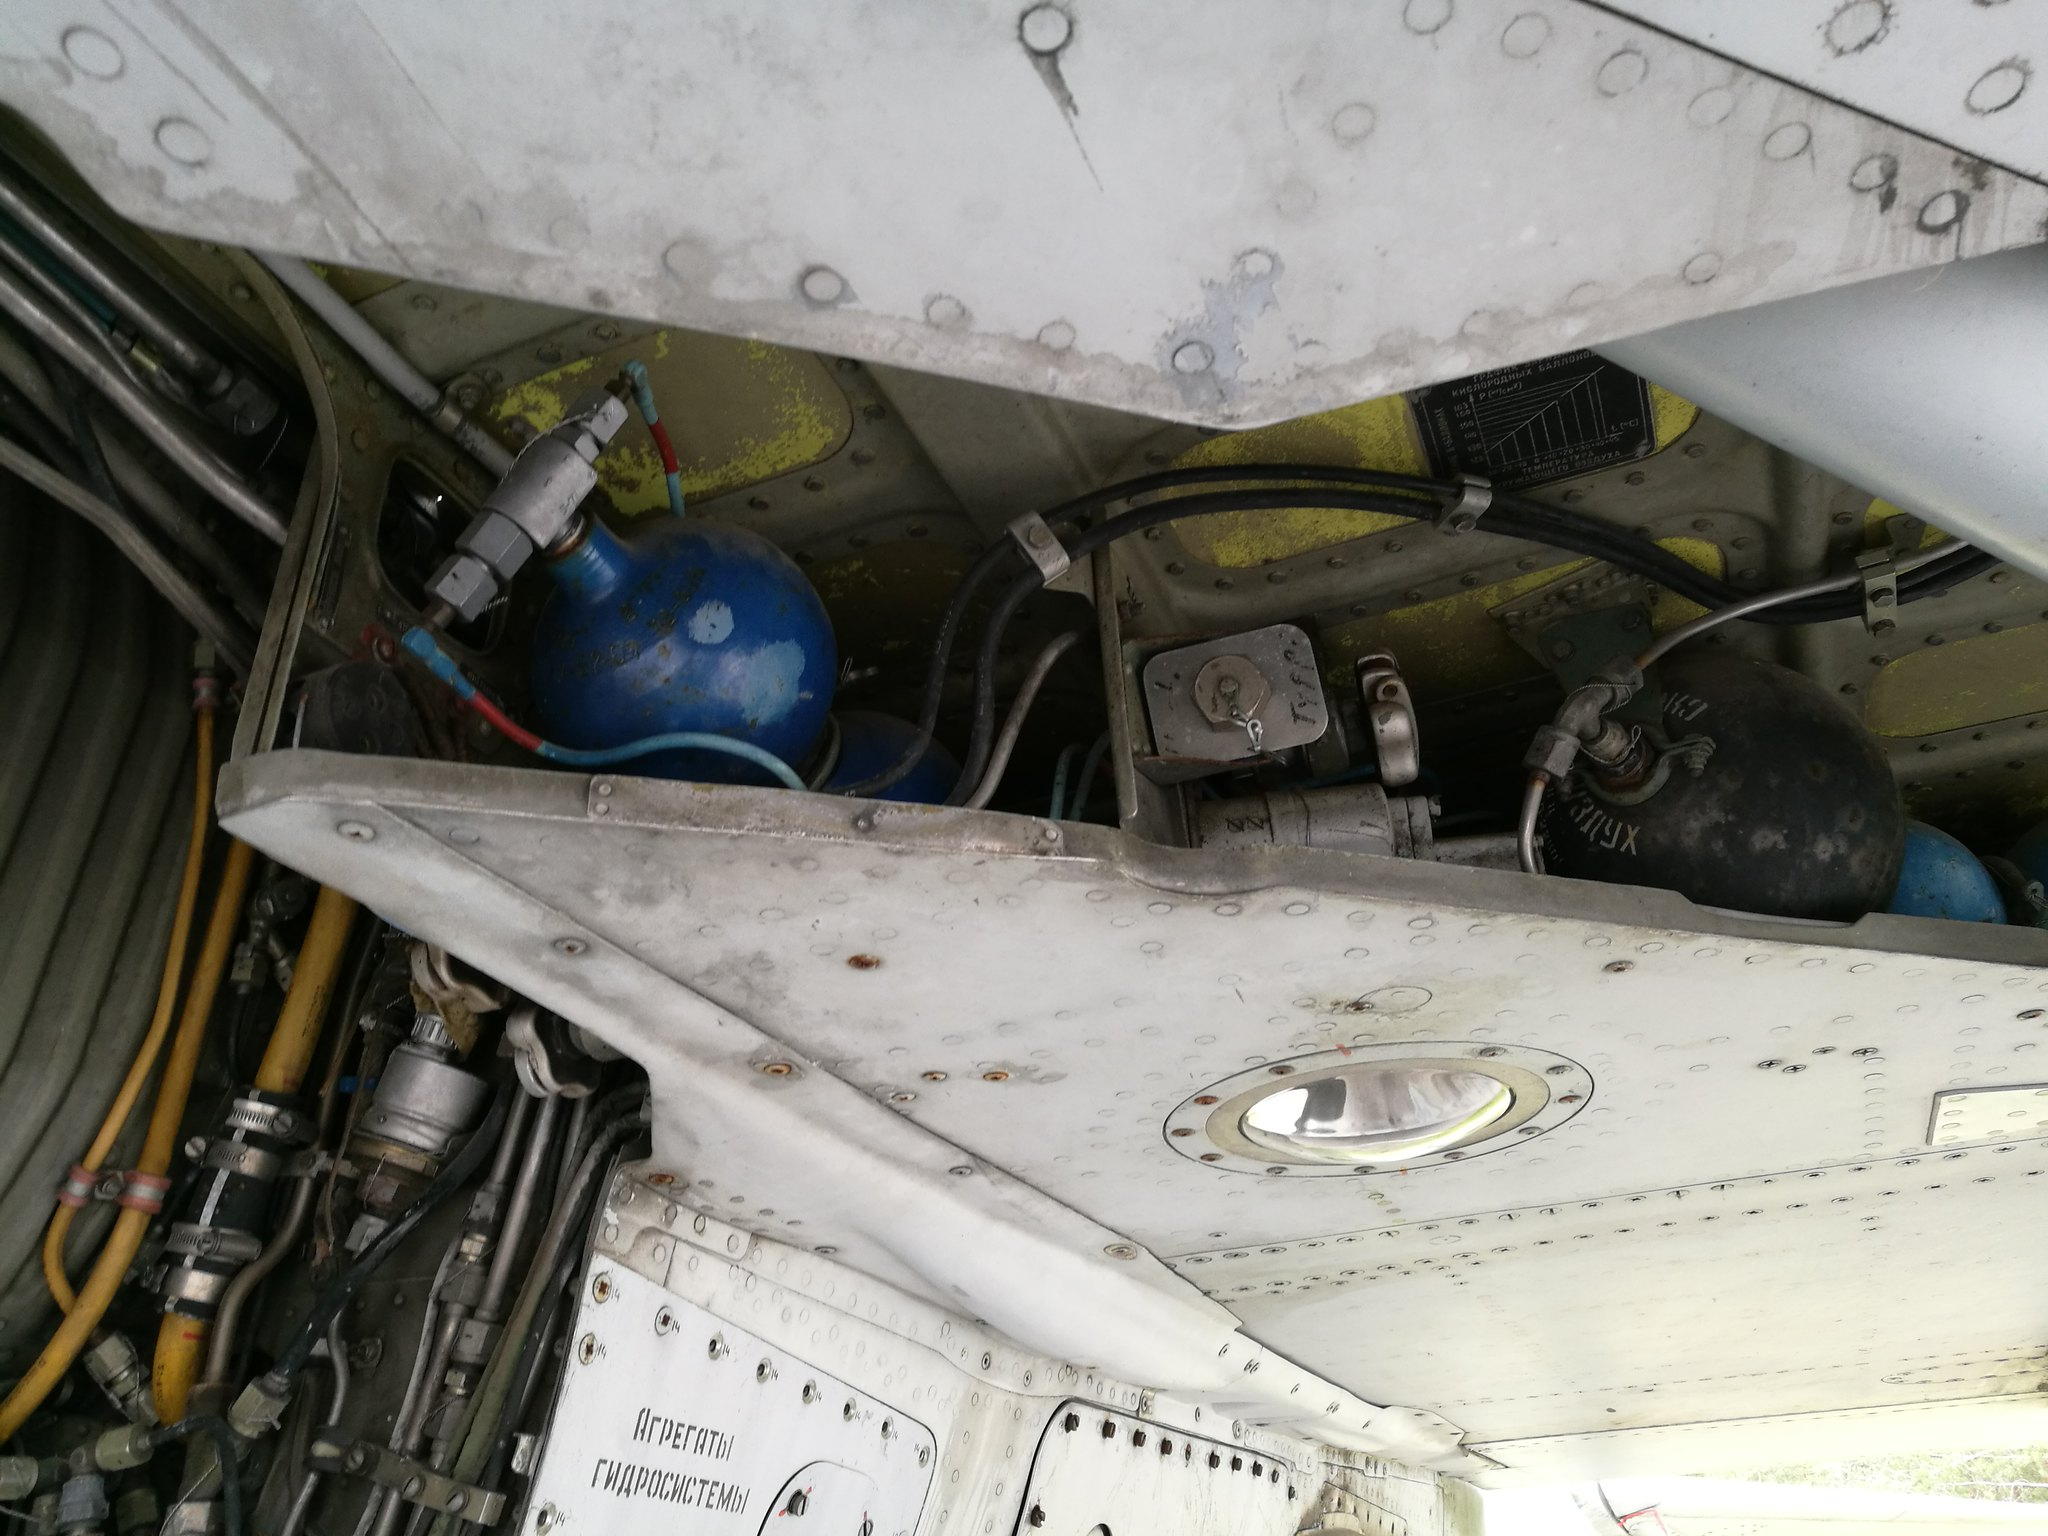 Hemkommen från semester i Finland med utflykt till Finlands Flygvapenmuseum. 48287467472_3e02fc3e51_k